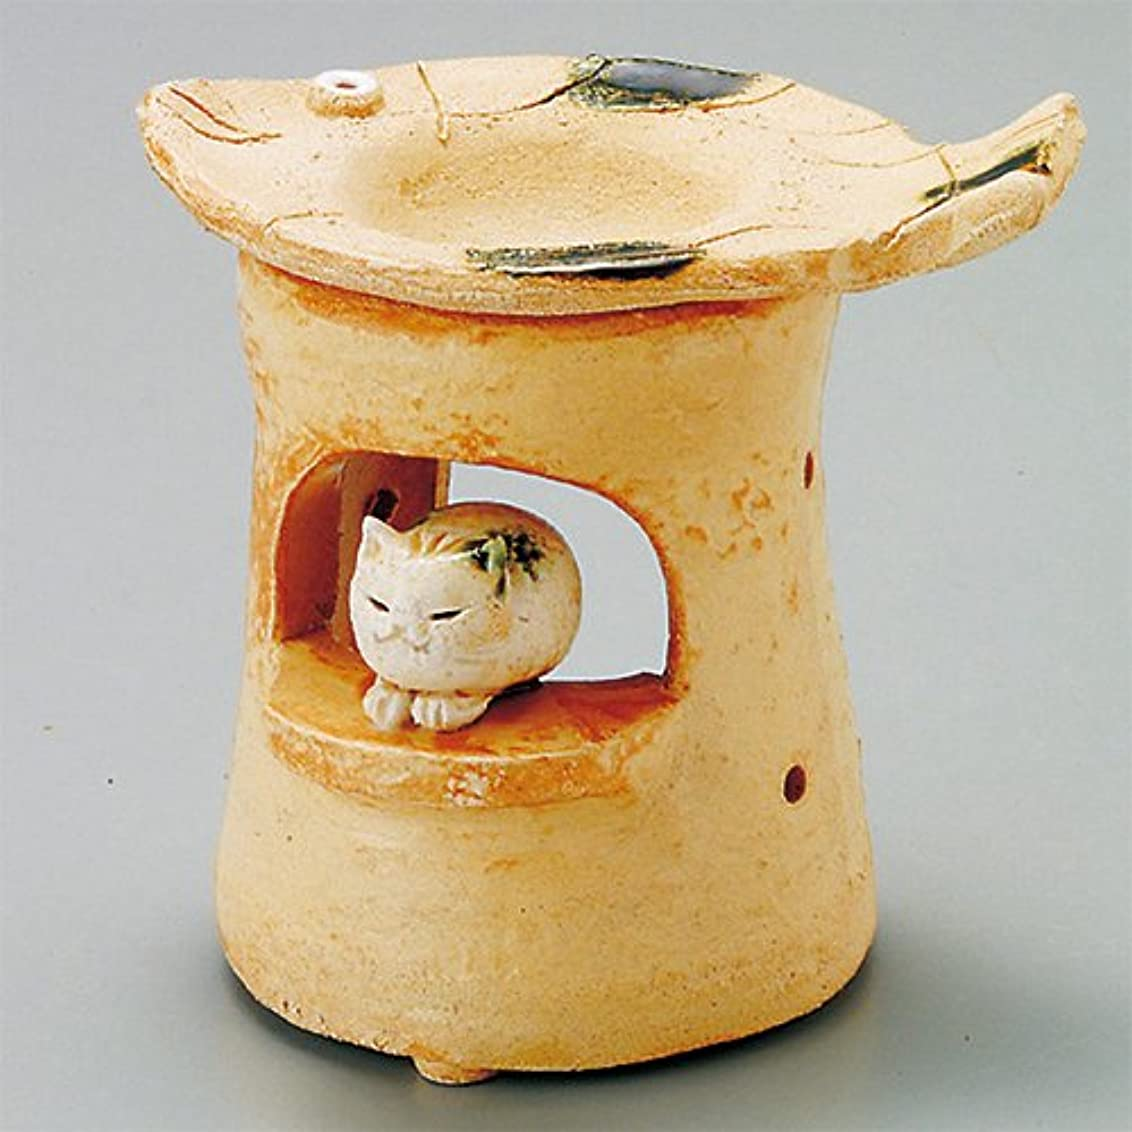 島ねこ 島ねこ 茶香炉 [12x8.5xH11.5cm] HANDMADE プレゼント ギフト 和食器 かわいい インテリア